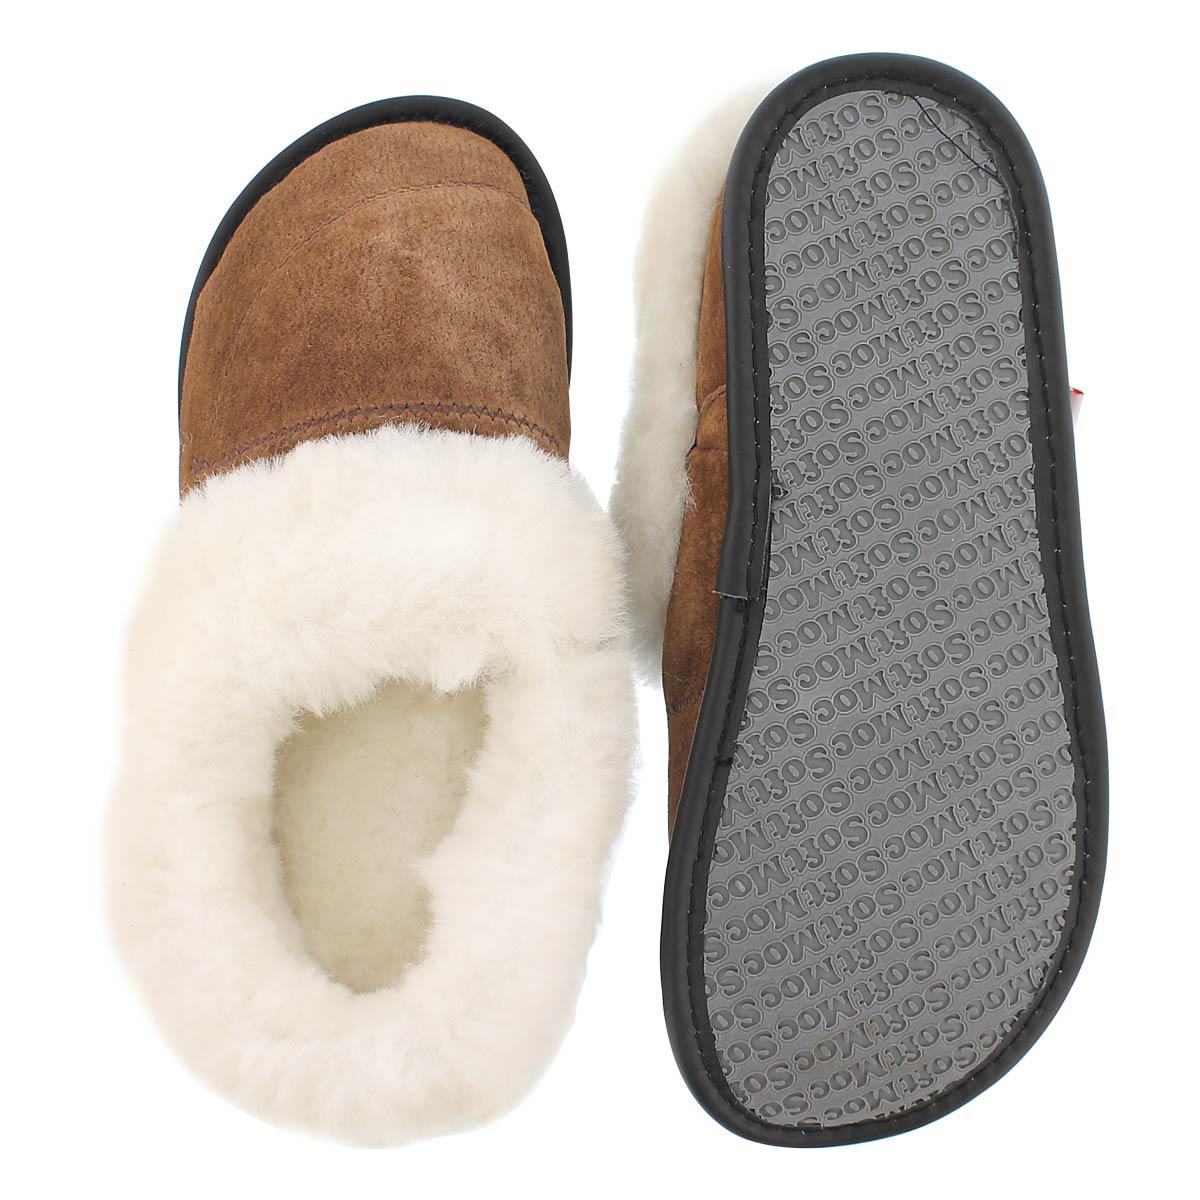 Pantoufle peau mouton épice CUFF, fem